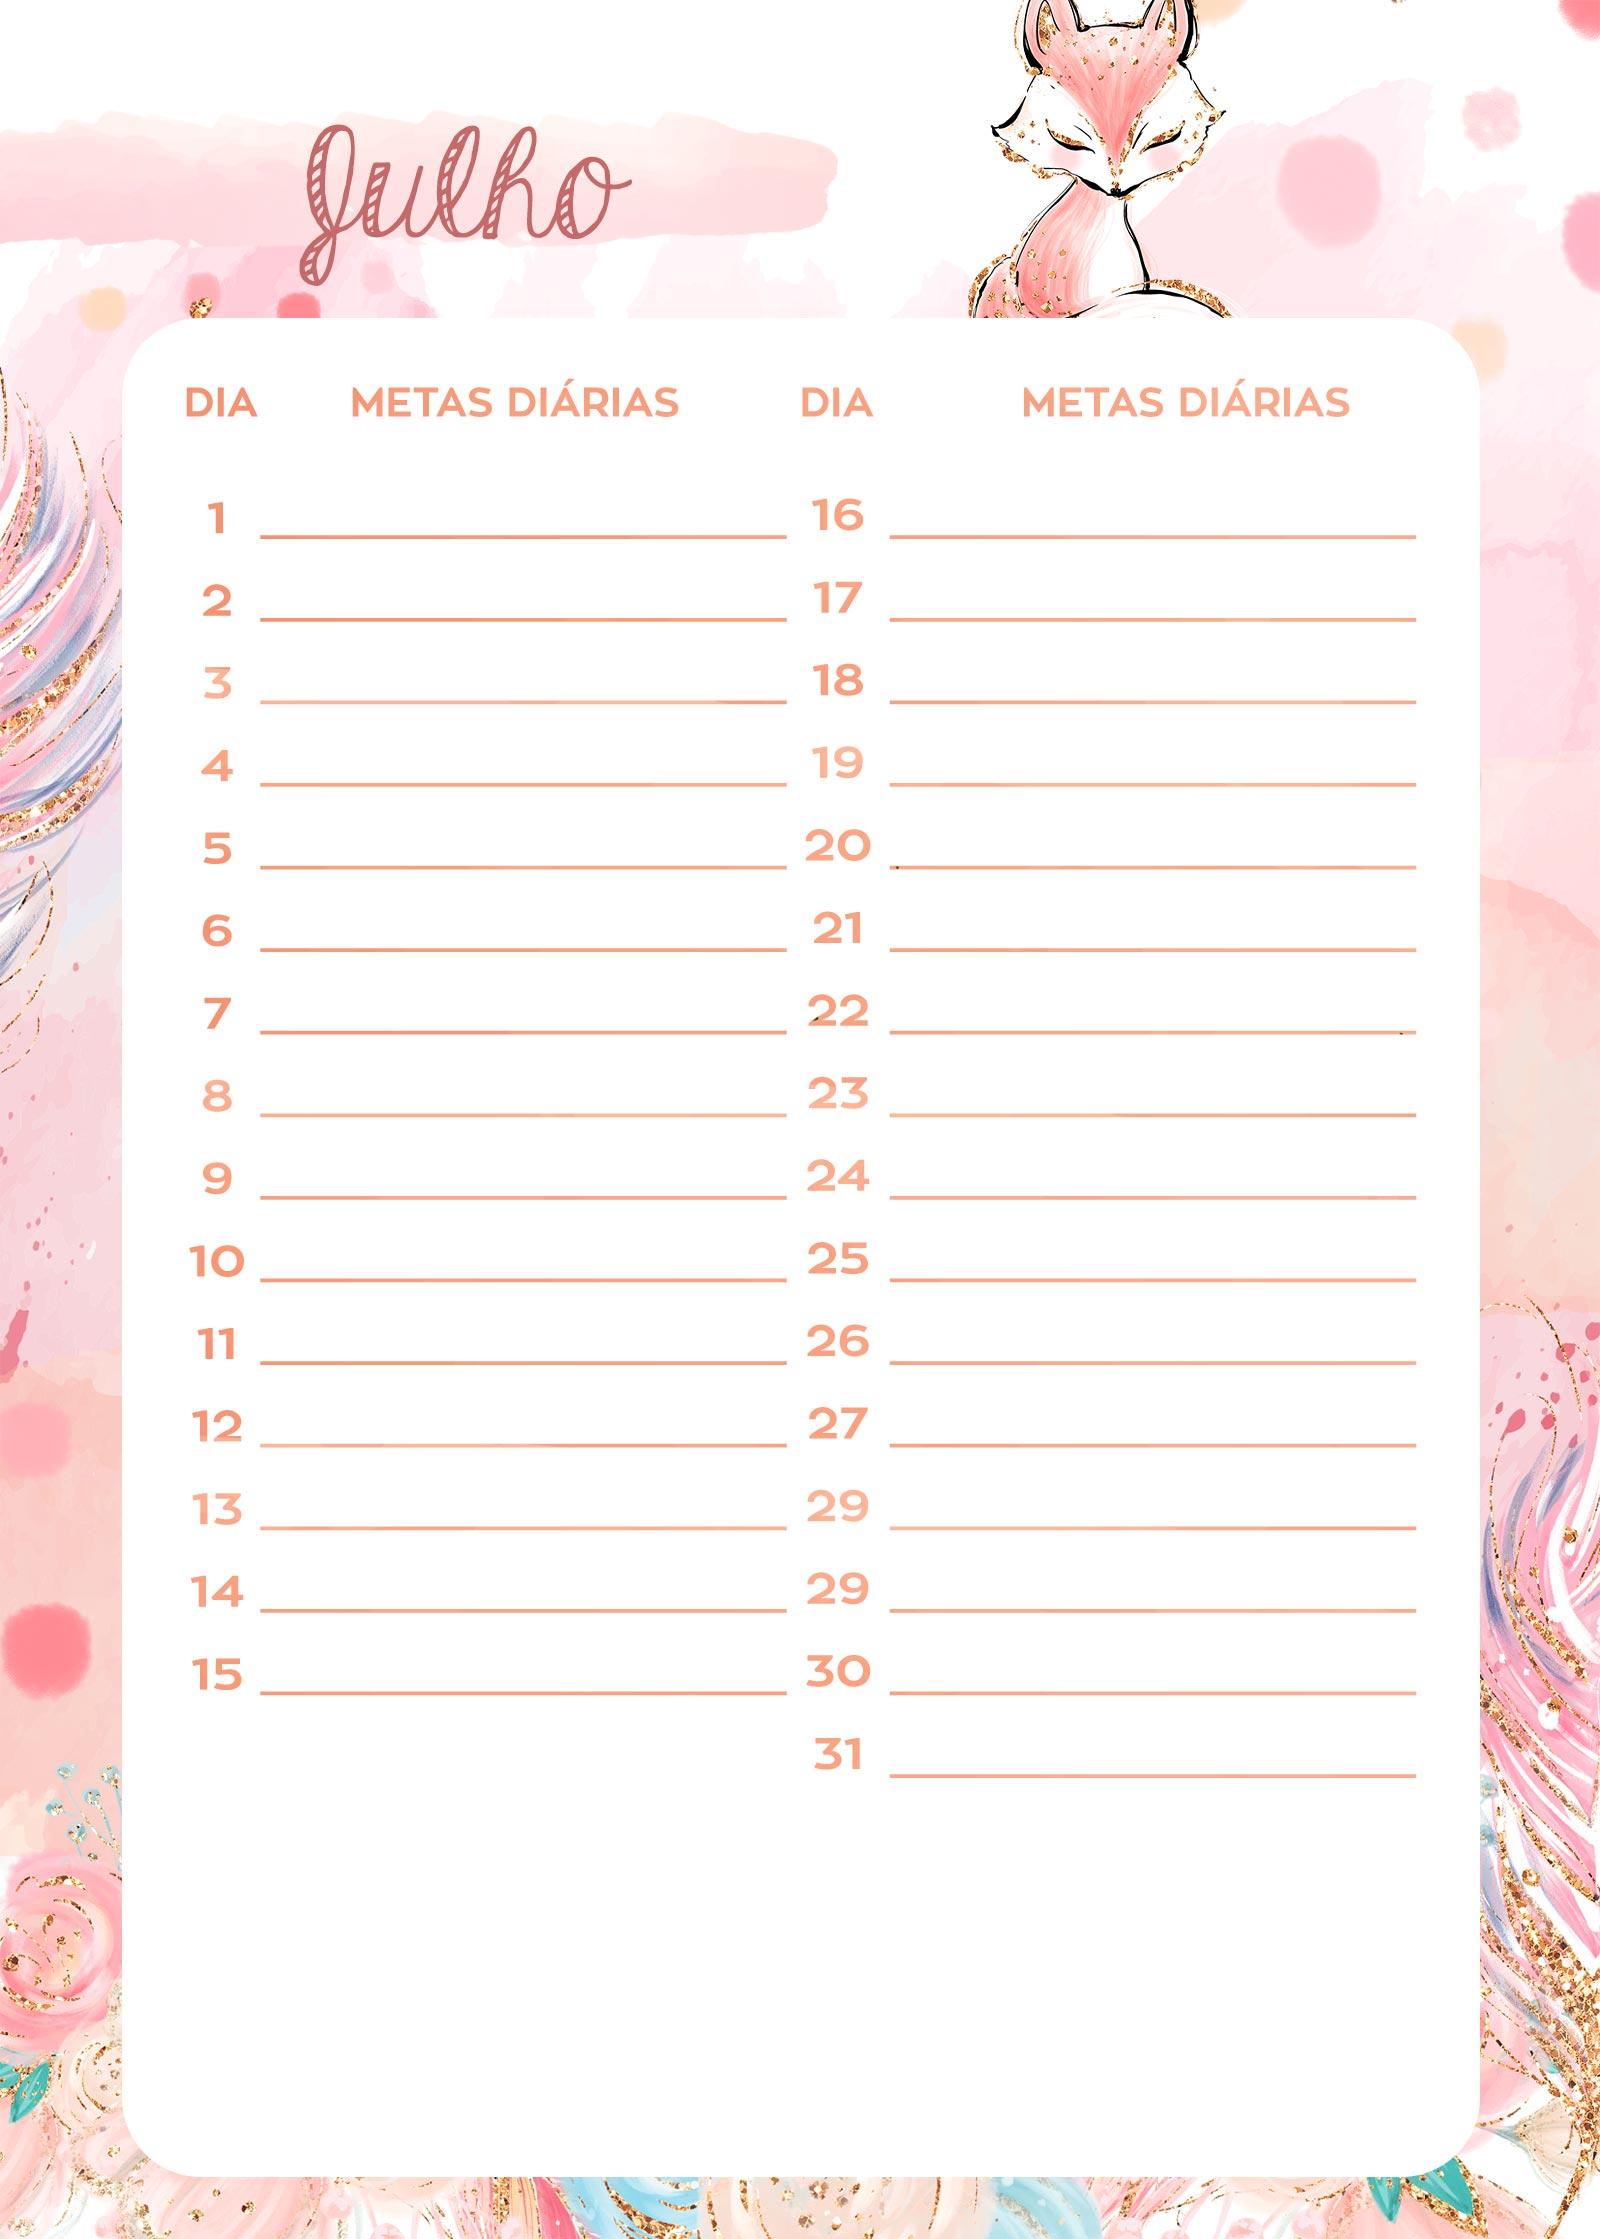 Planner Raposinha metas diarias julho